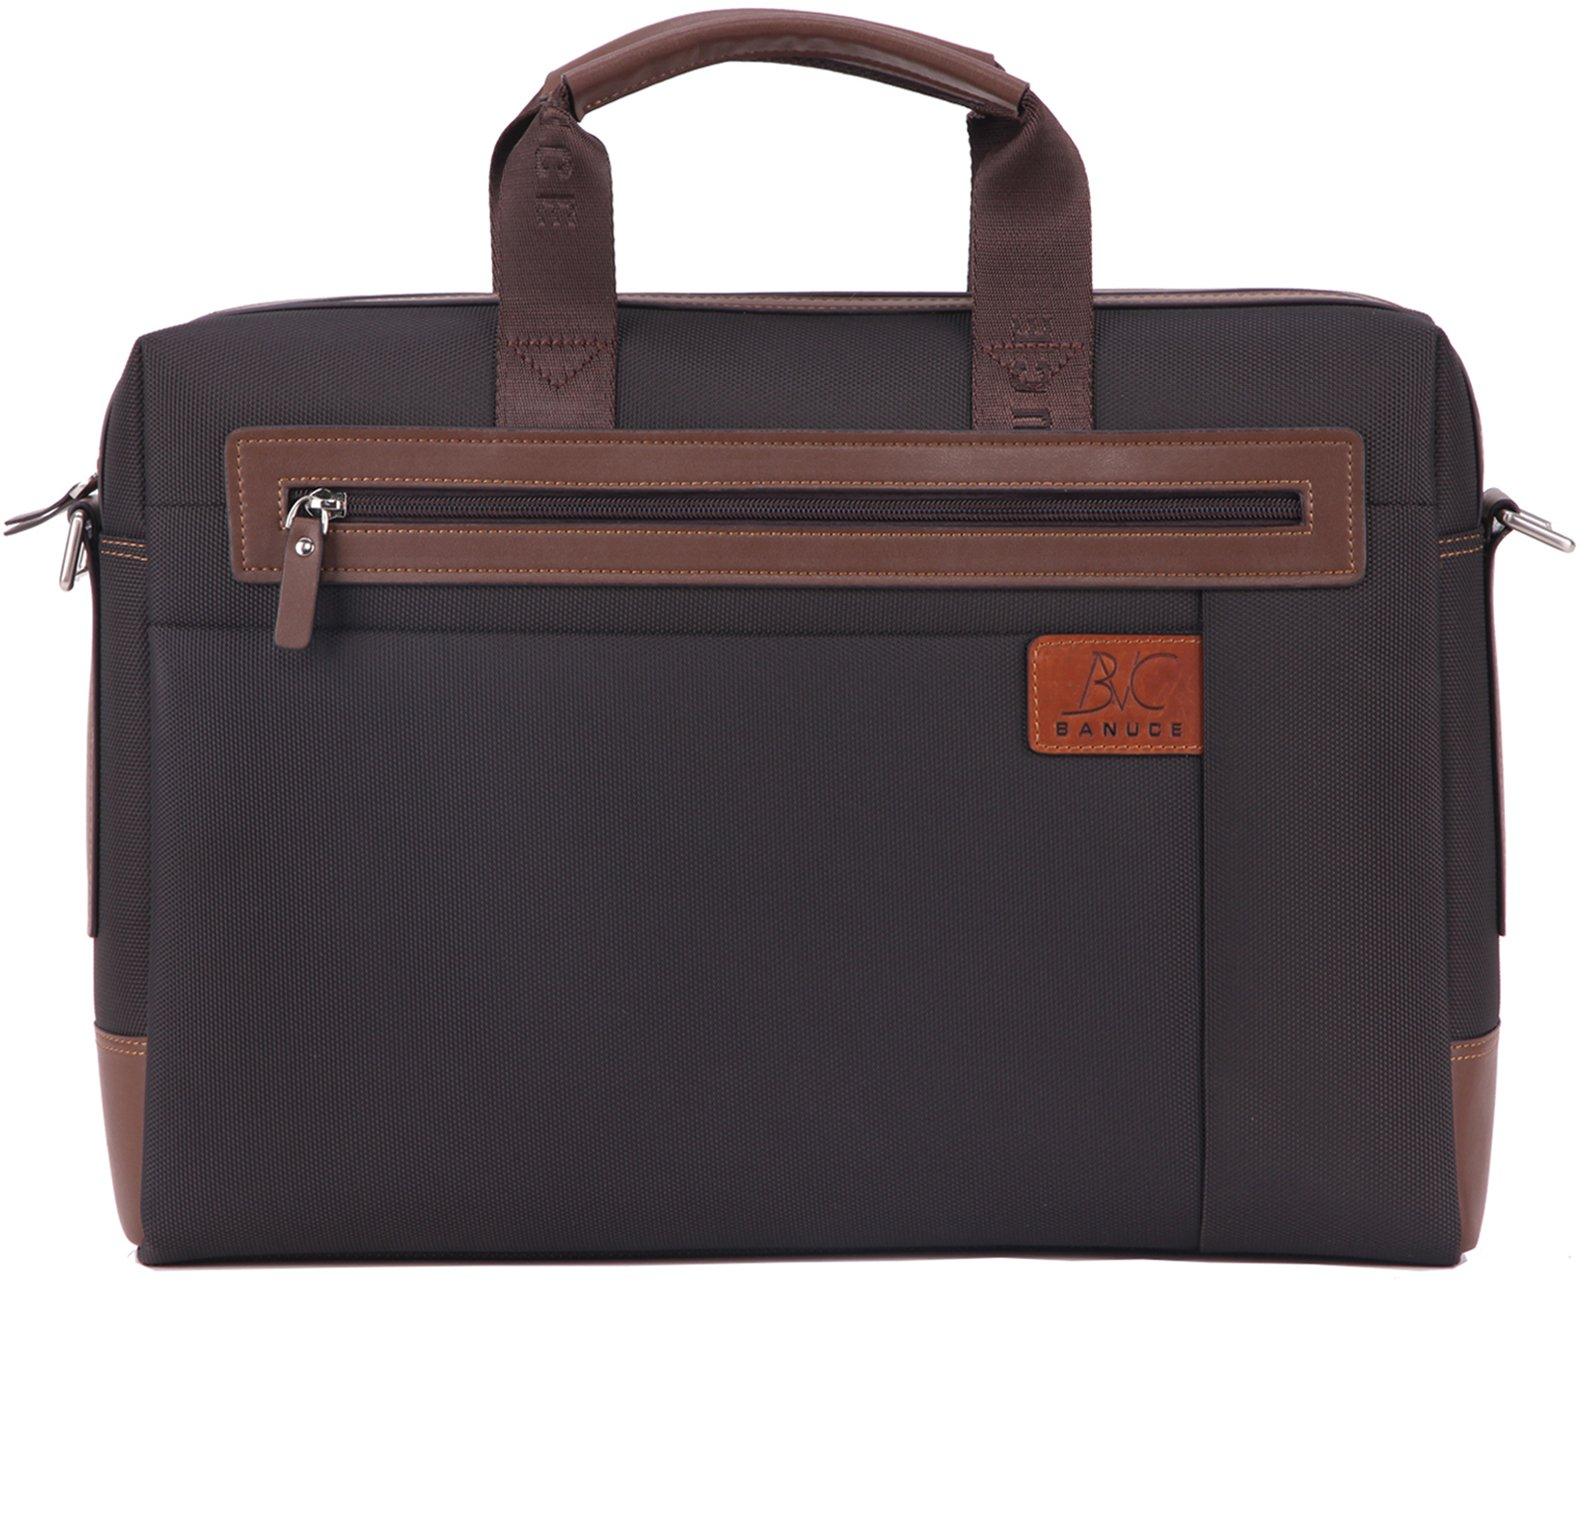 Banuce RTXCXBM032-BK Men's Waterproof PU Leather Briefcase Shoulder Bags Attaches 14'' Laptop